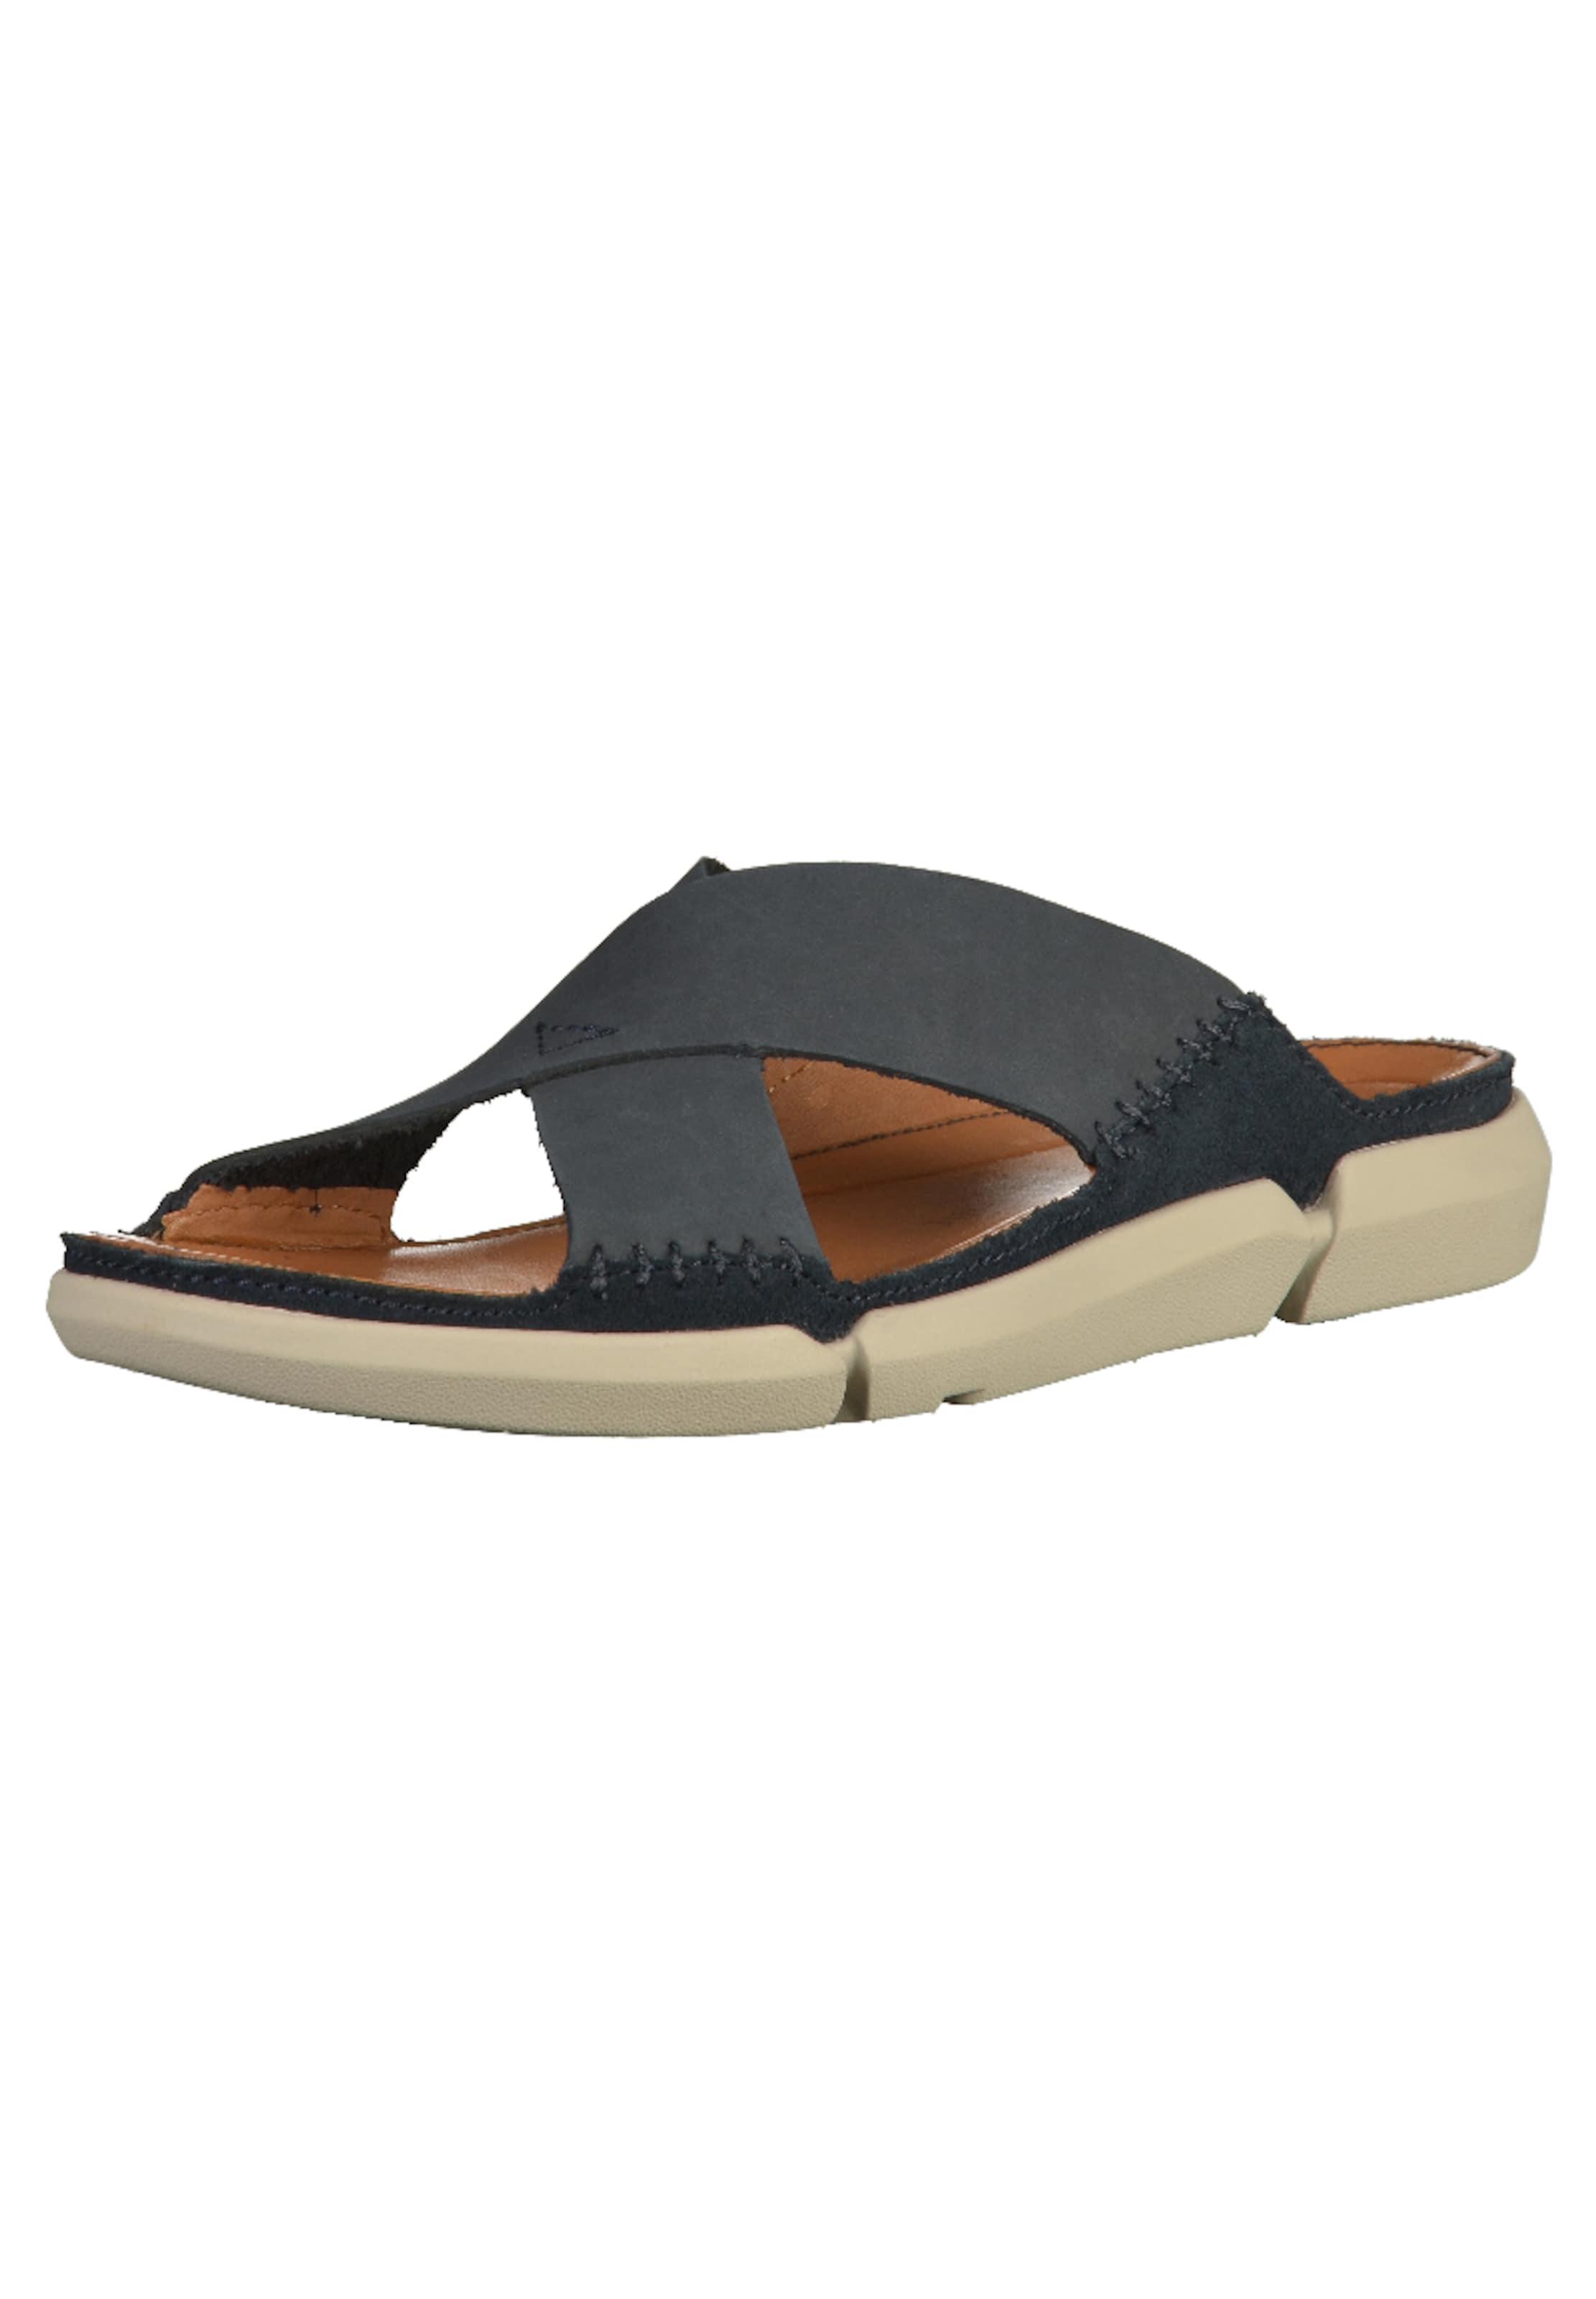 CLARKS Pantoletten Günstige und langlebige Schuhe